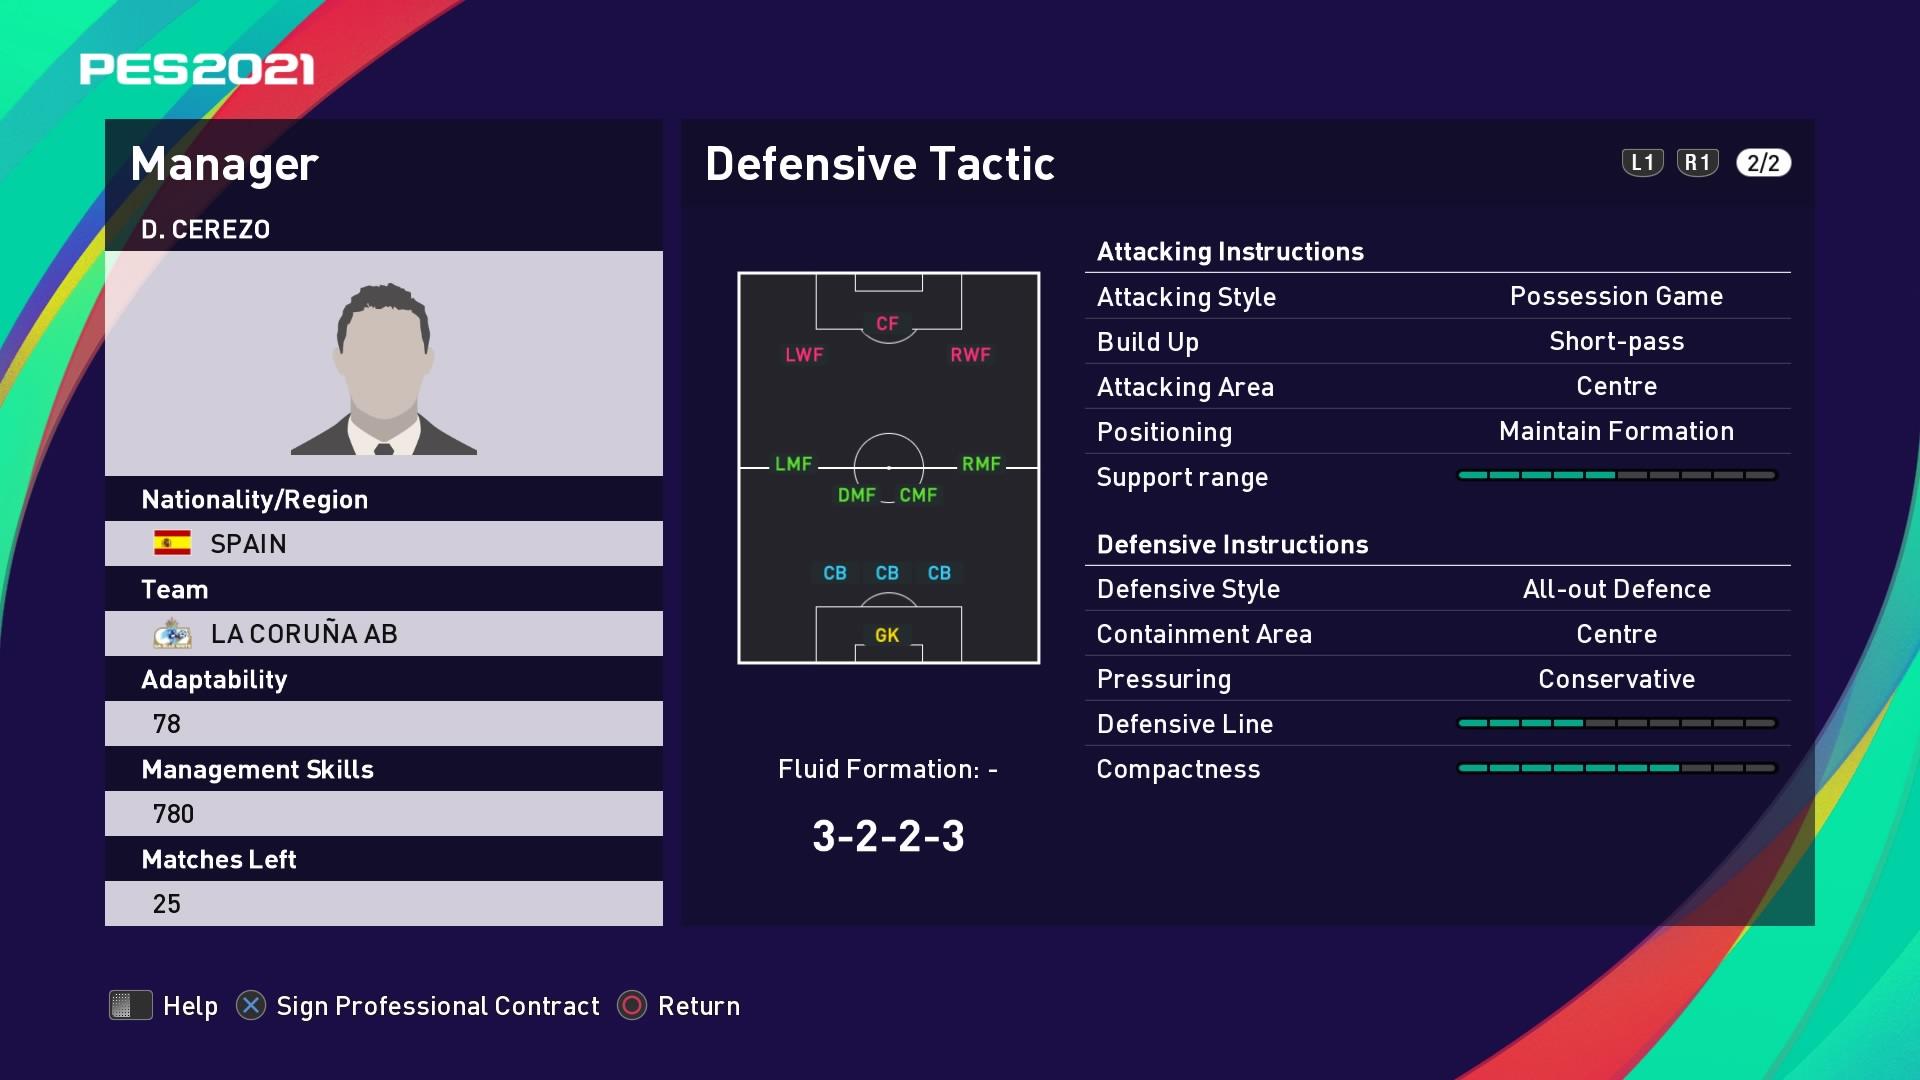 D. Cerezo (Fernando Vázquez) Defensive Tactic in PES 2021 myClub